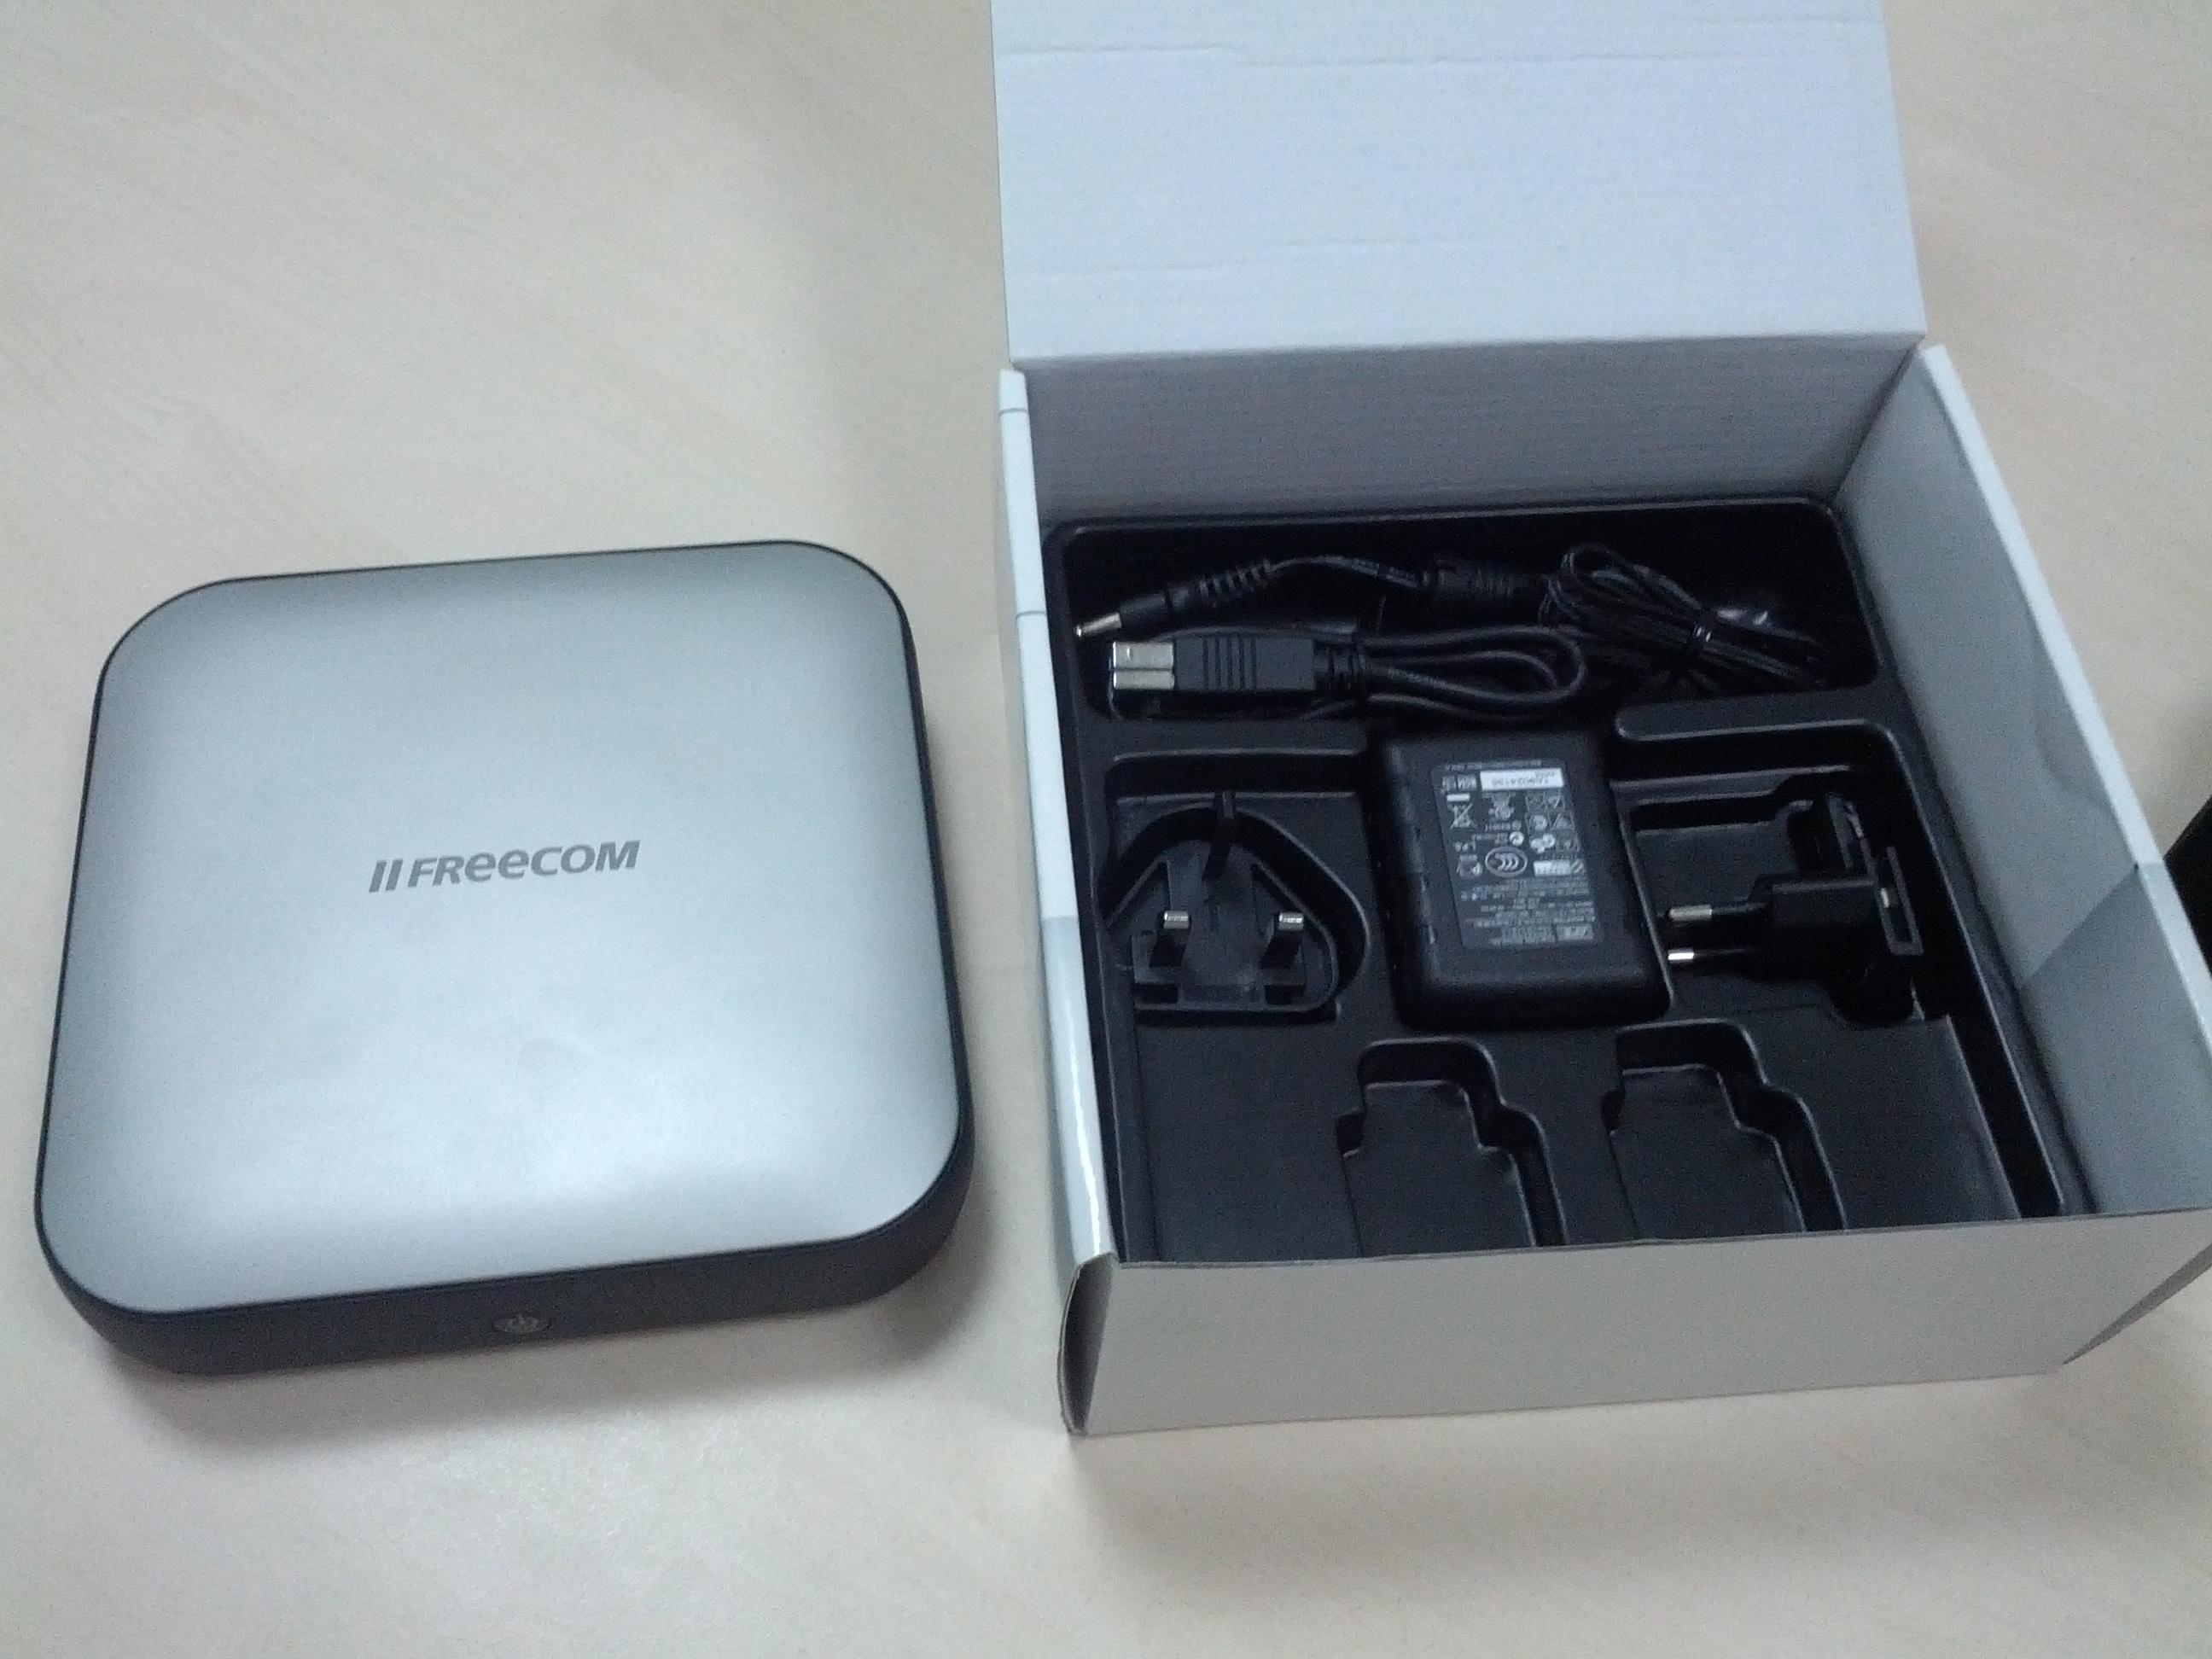 Набор скудный: сам жесткий диск, USB 3.0 кабель и провод питания